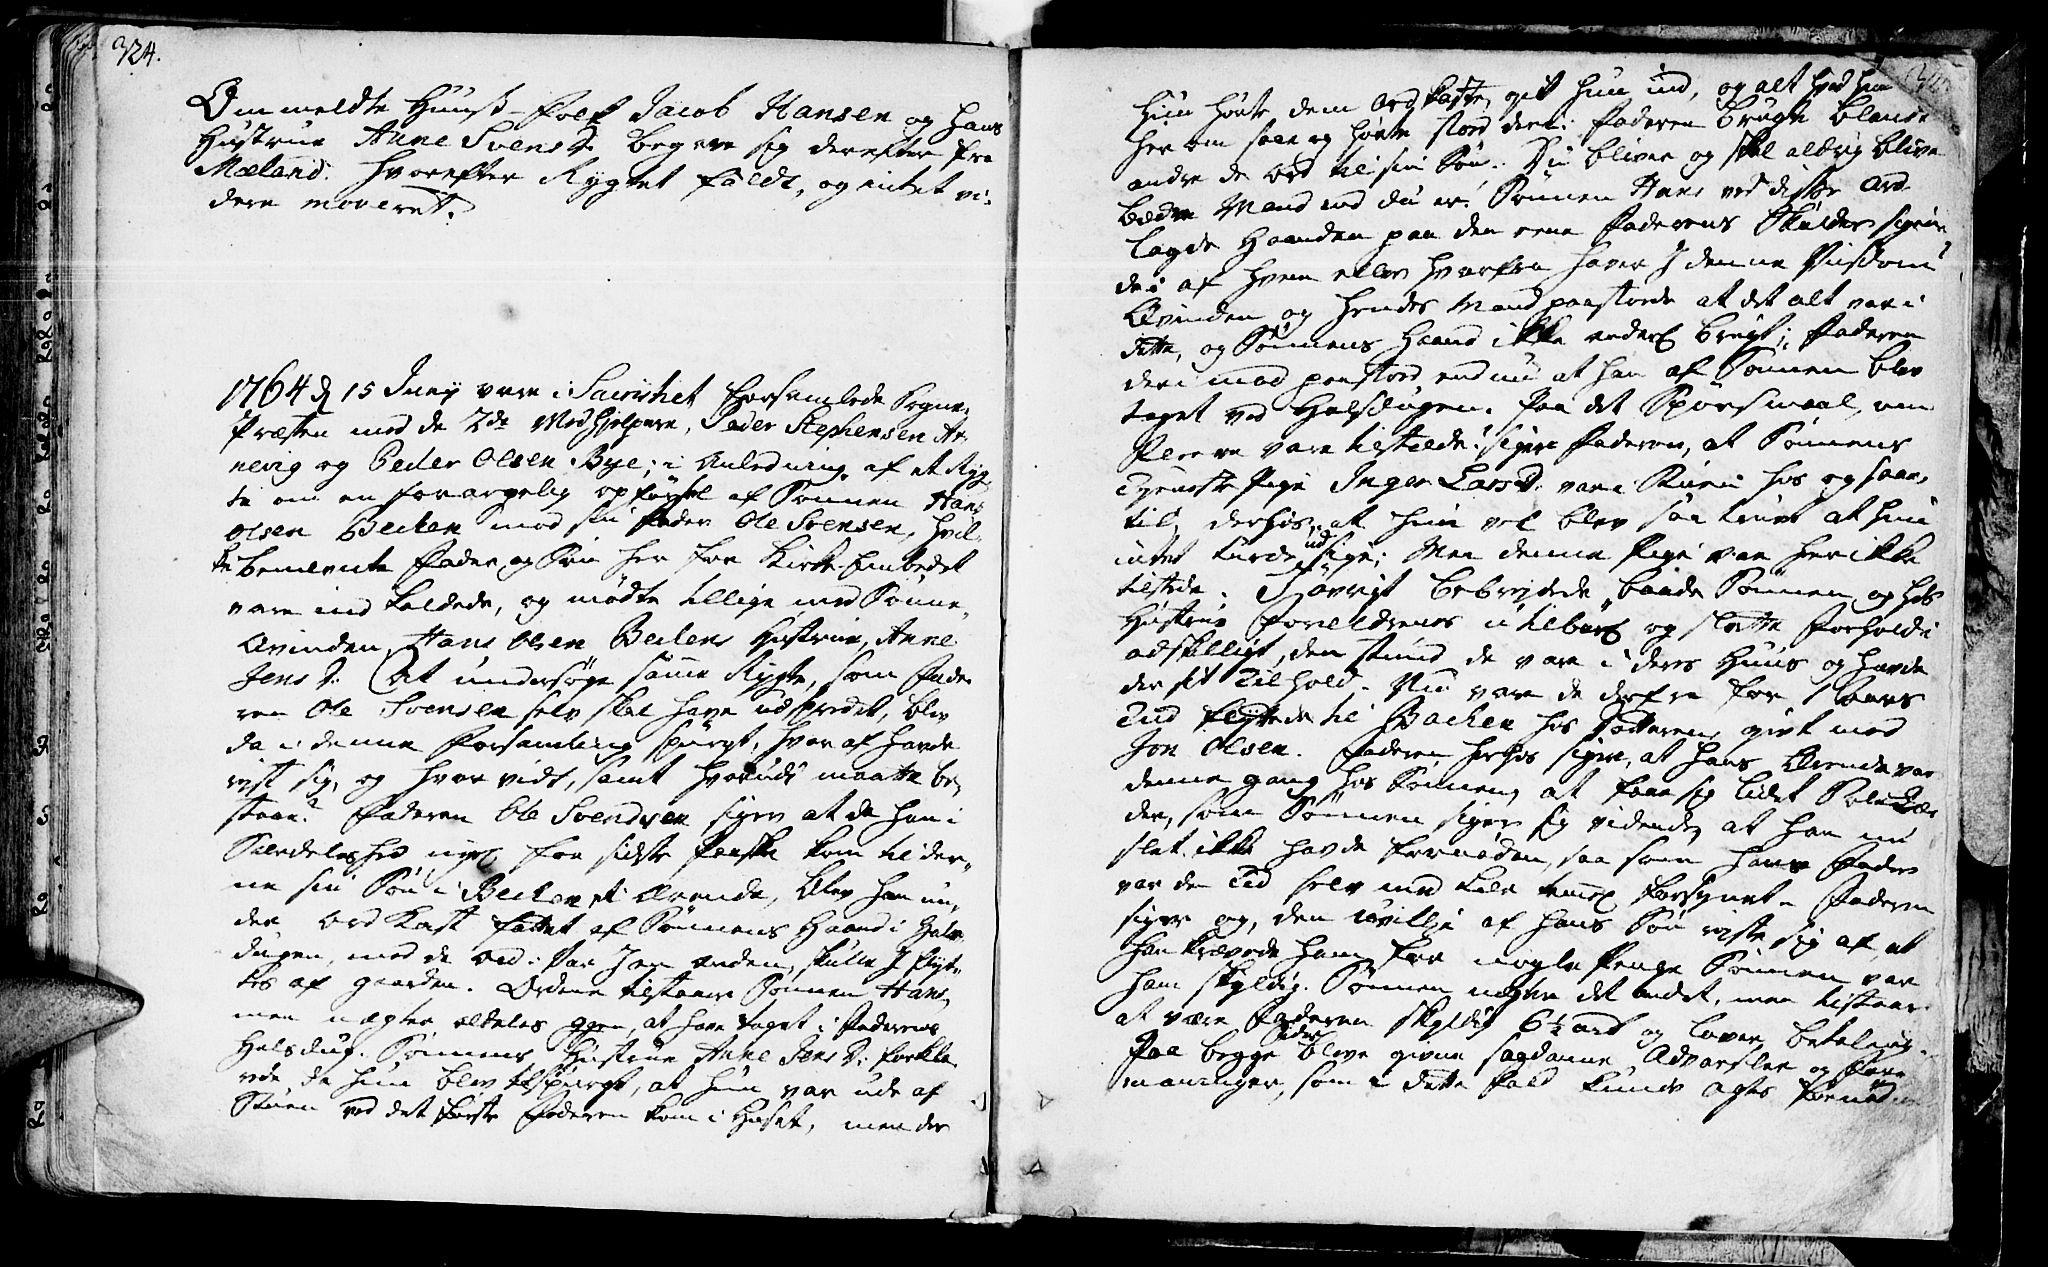 SAT, Ministerialprotokoller, klokkerbøker og fødselsregistre - Sør-Trøndelag, 655/L0672: Ministerialbok nr. 655A01, 1750-1779, s. 324-325